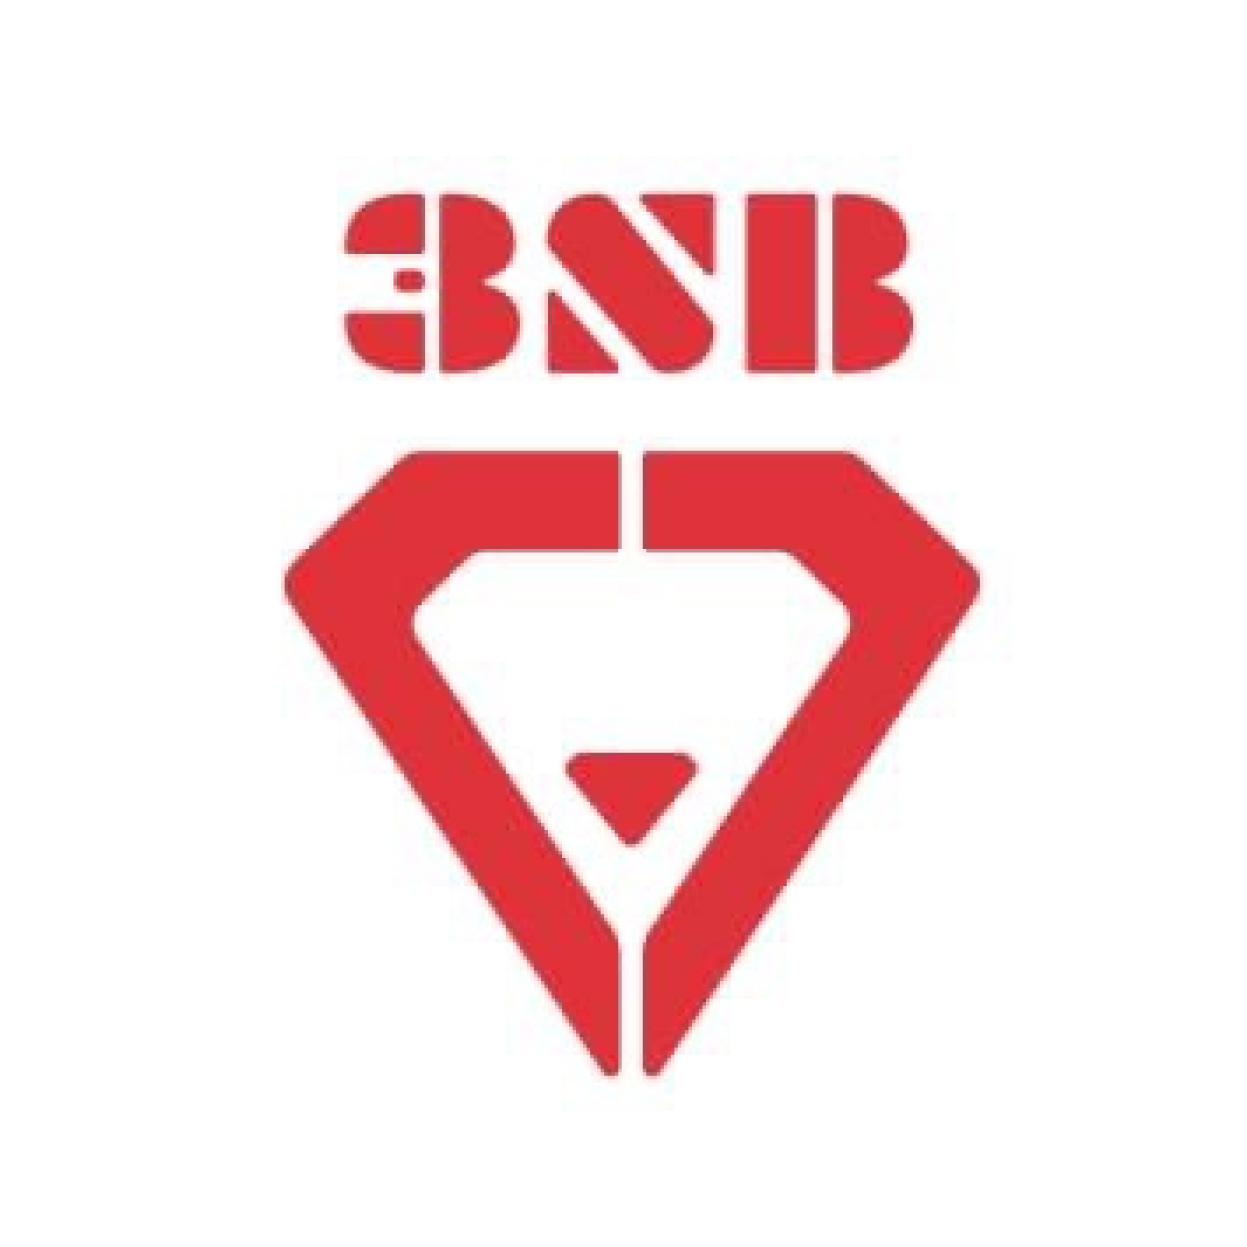 Membership + Vote for 3SB